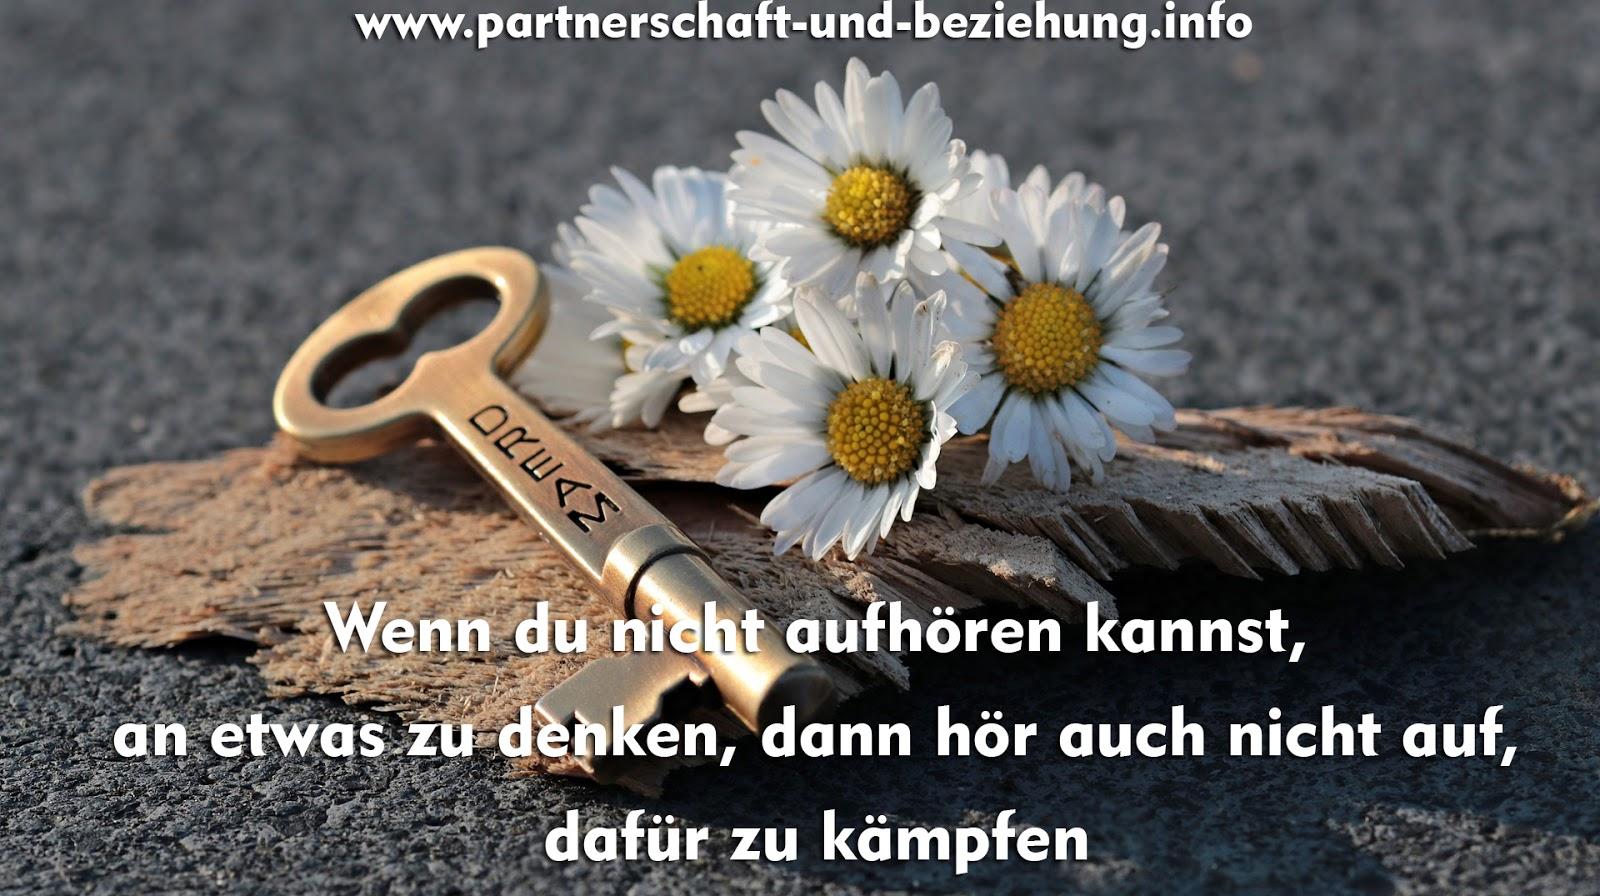 Spruche Respekt Beziehung Beziehung Spruche 160 Susse